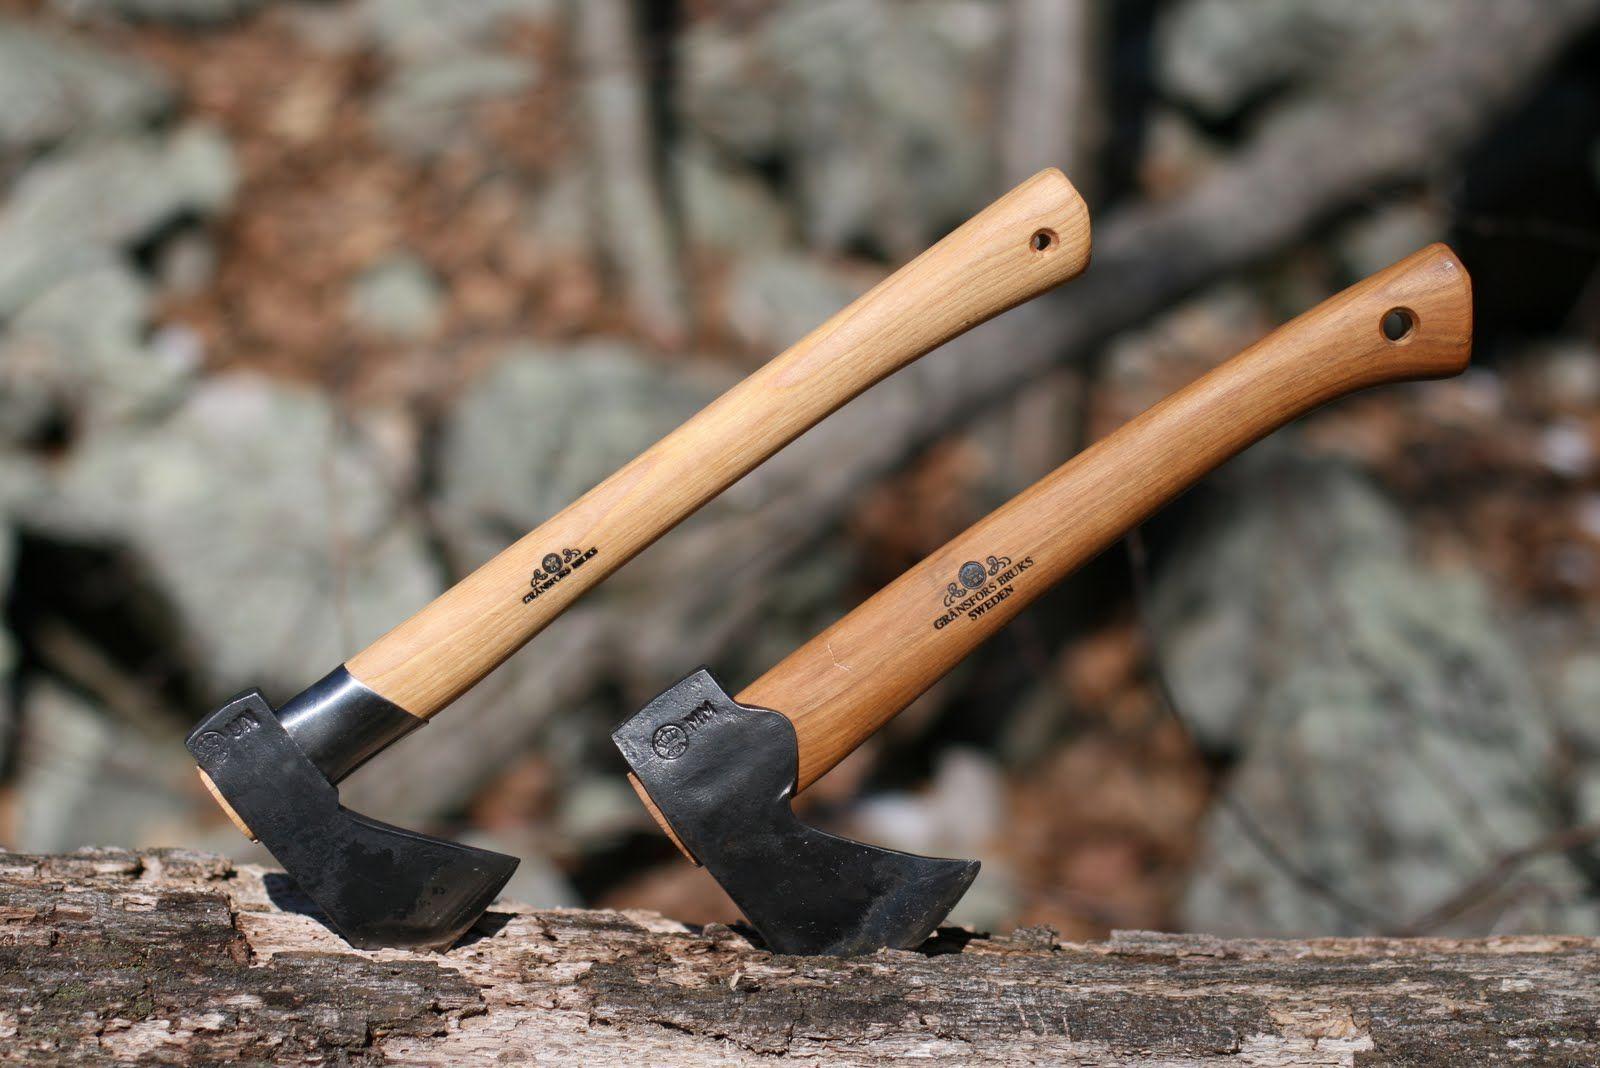 Gransfors Bruks Outdoor Axe 425 For Sale Osograndeknives Axe Homemade Tools Gransfors Bruks